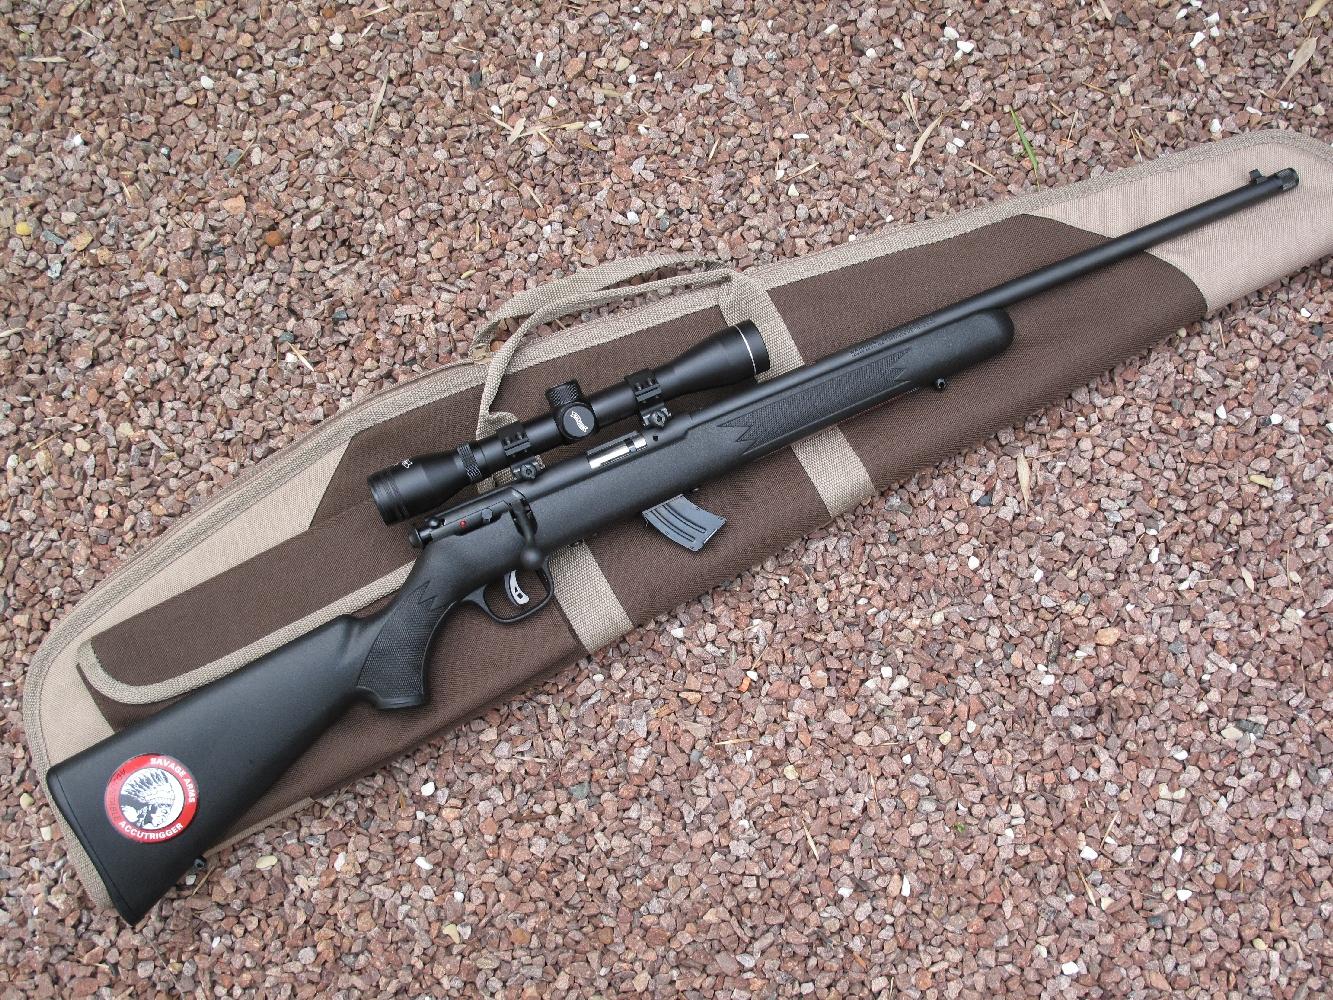 La carabine Savage Mark II de notre test, équipée de la lunette Walther ZF 4 x 32 fournie avec le kit promotionnel, accompagnée de ses colliers et embases de montage Weaver, d'une housse de transport et d'un modérateur de son.